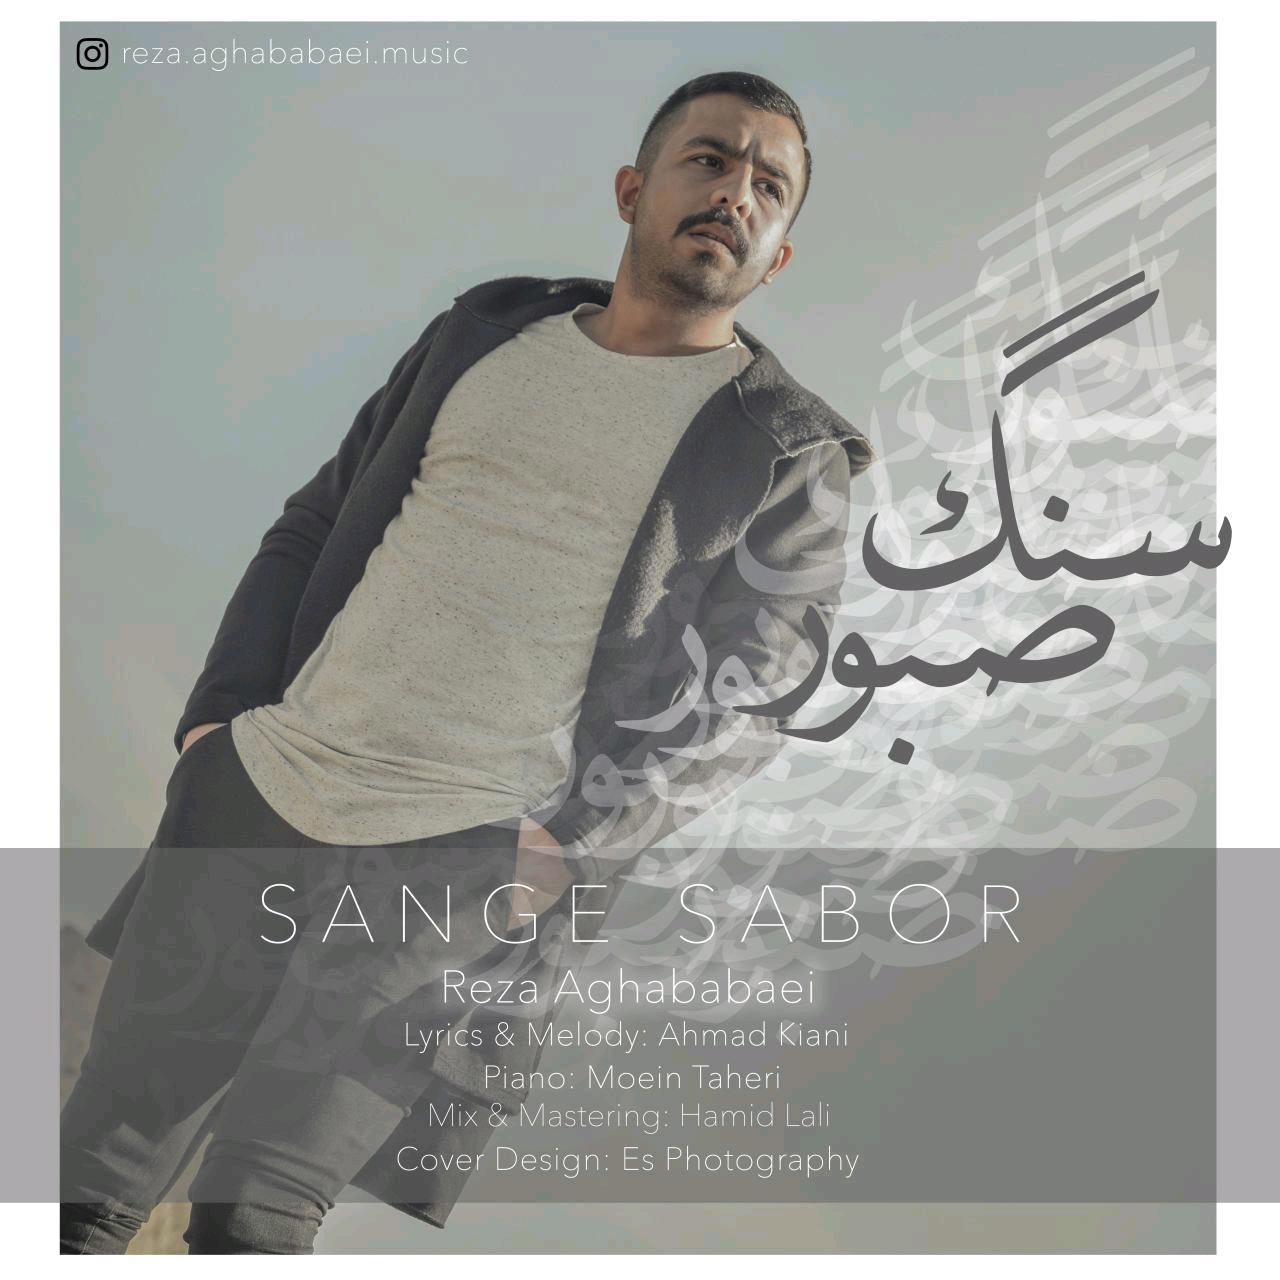 نامبر وان موزیک | دانلود آهنگ جدید Reza-Aghababaei-Sange-Sabor